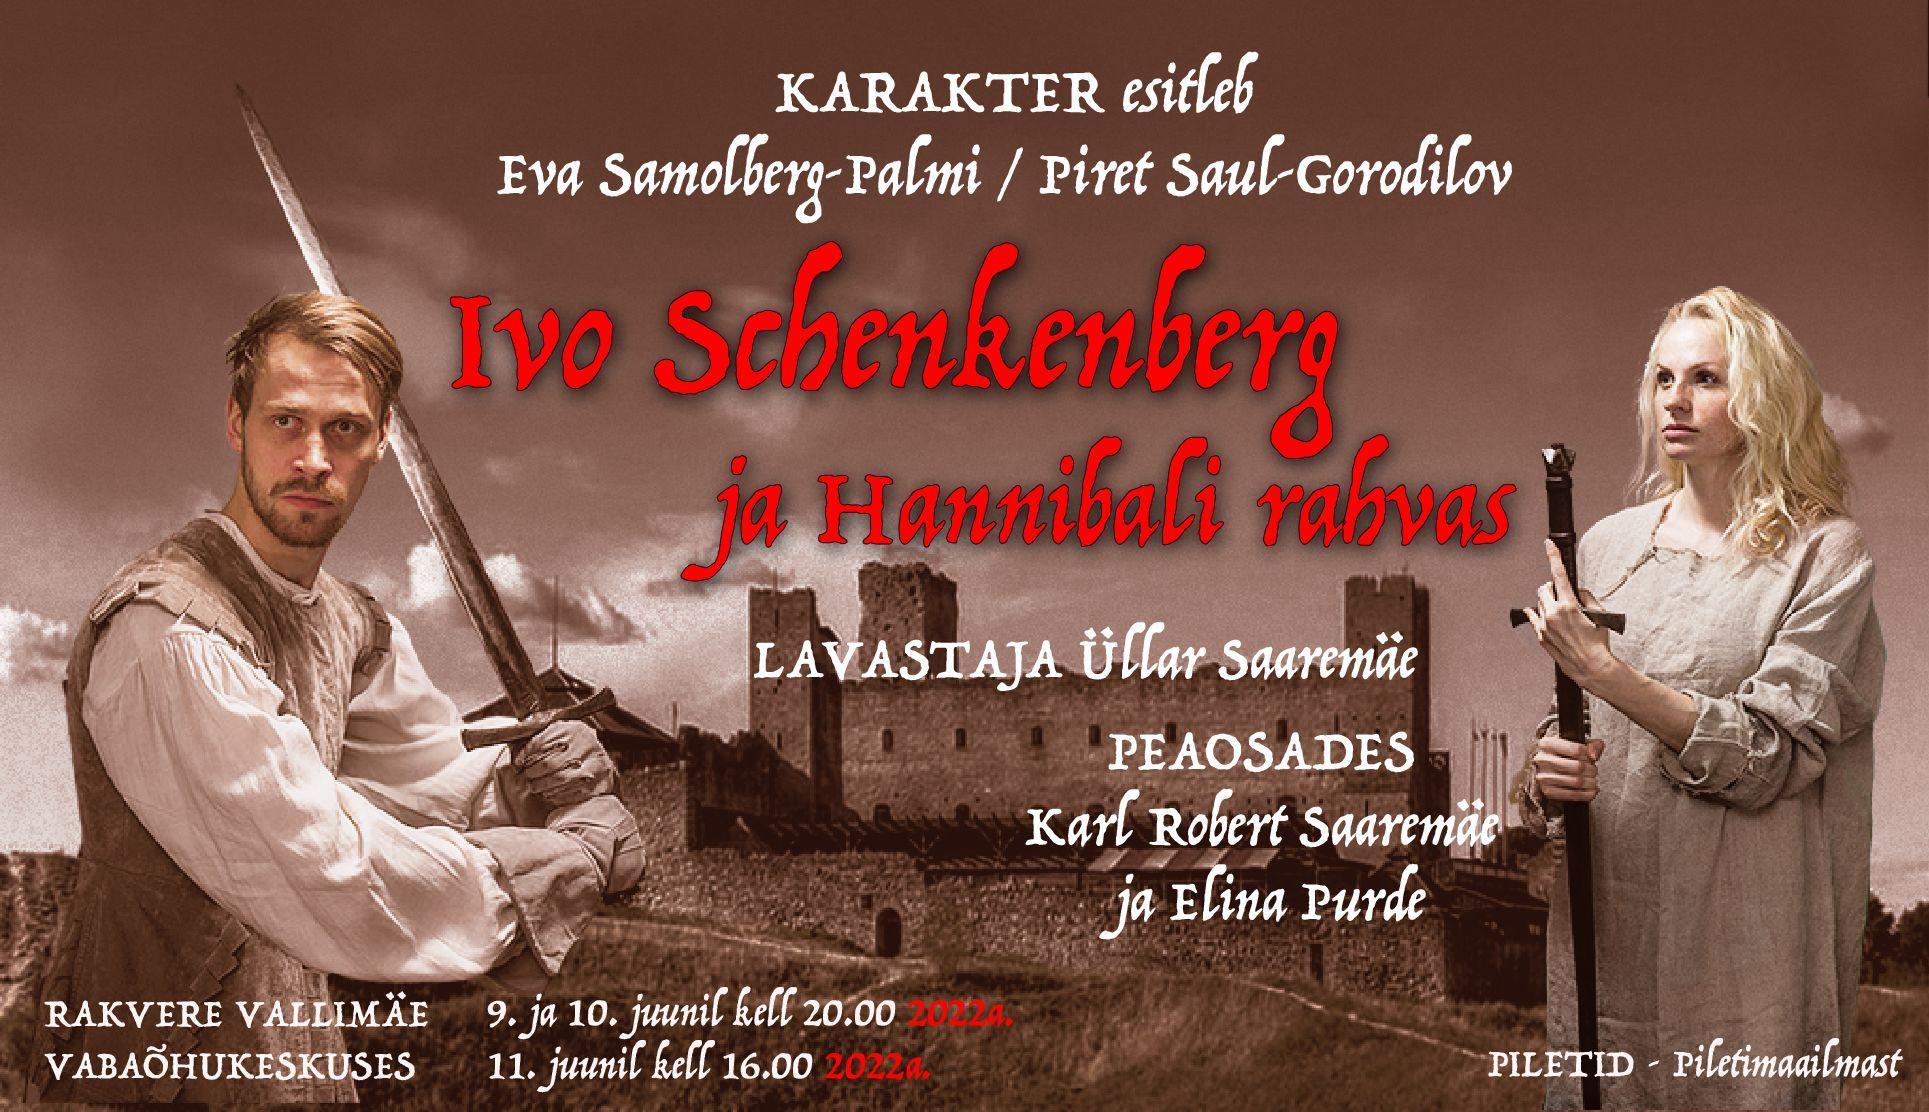 Ivo_Schenkenberg_web